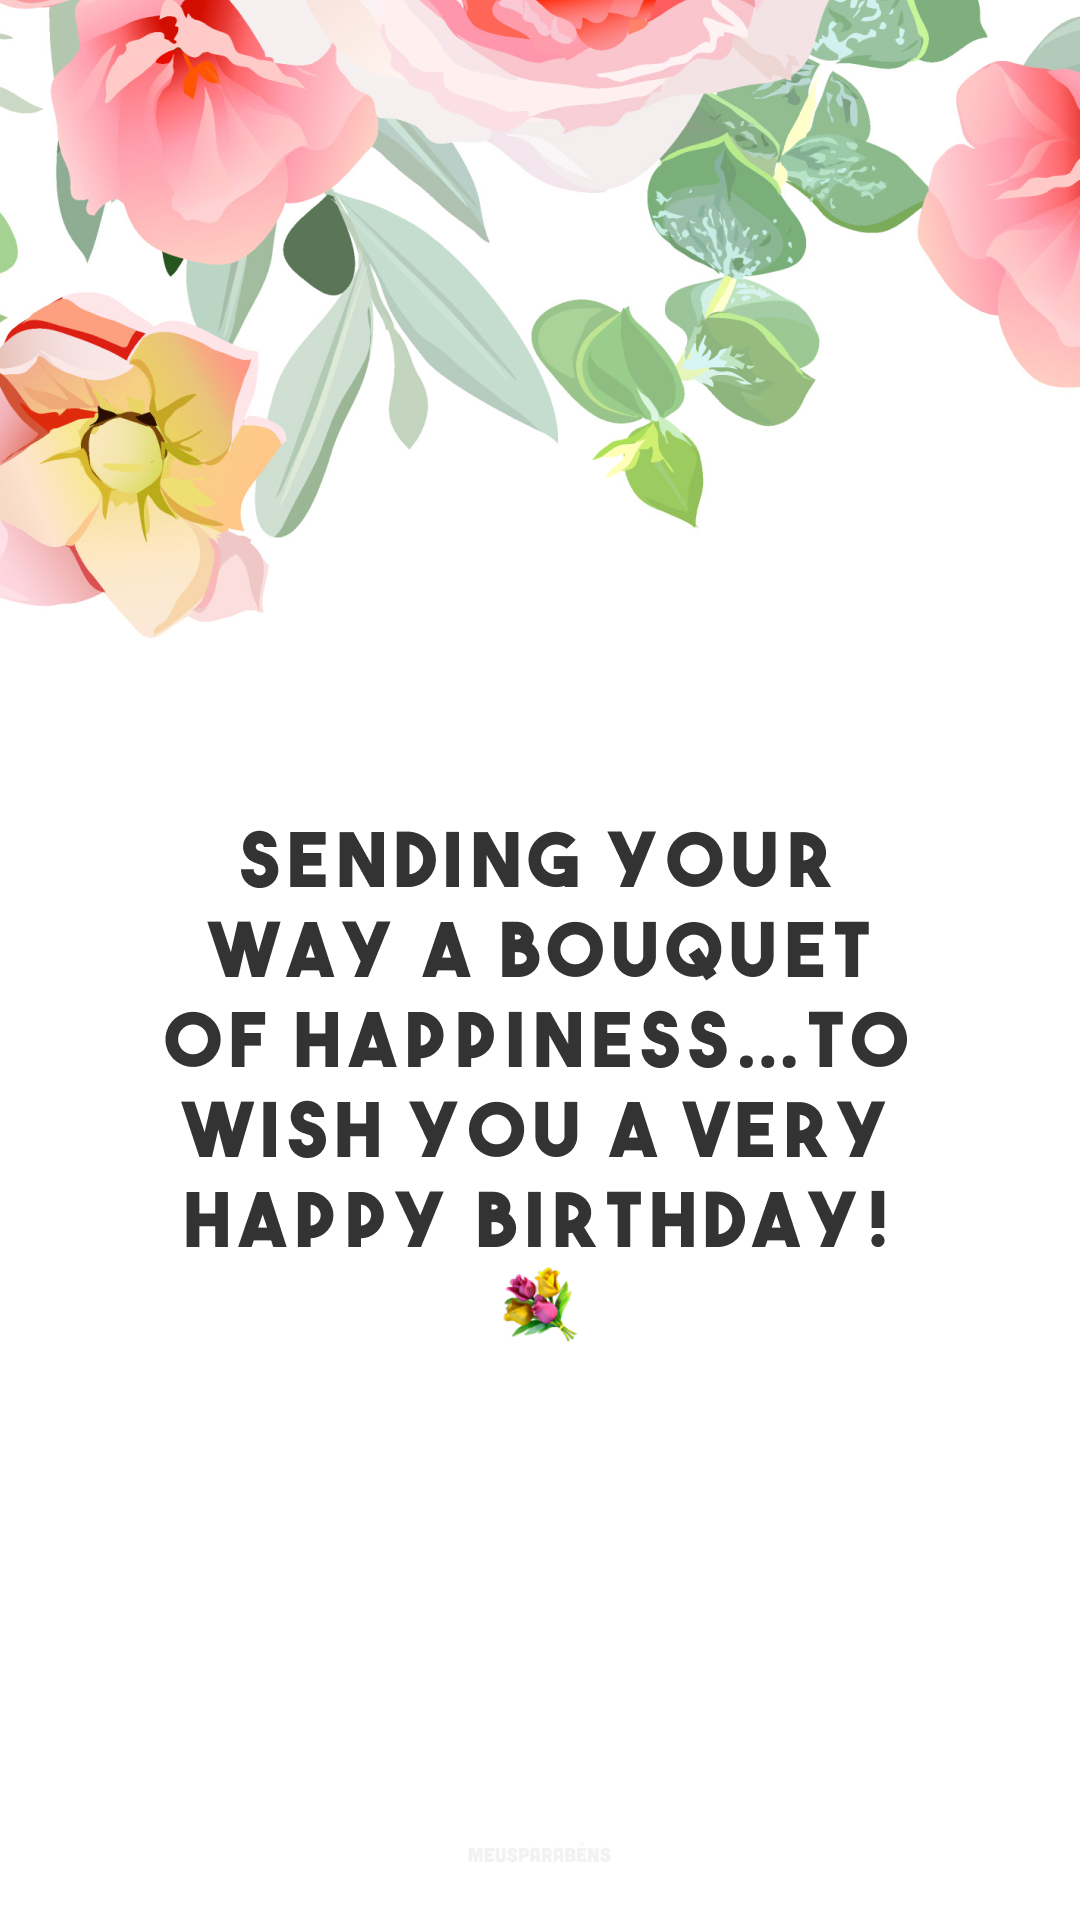 Sending your way a bouquet of happiness…To wish you a very happy birthday! 💐 (Estou enviando um buquê de felicidade para te desejar um feliz aniversário!)